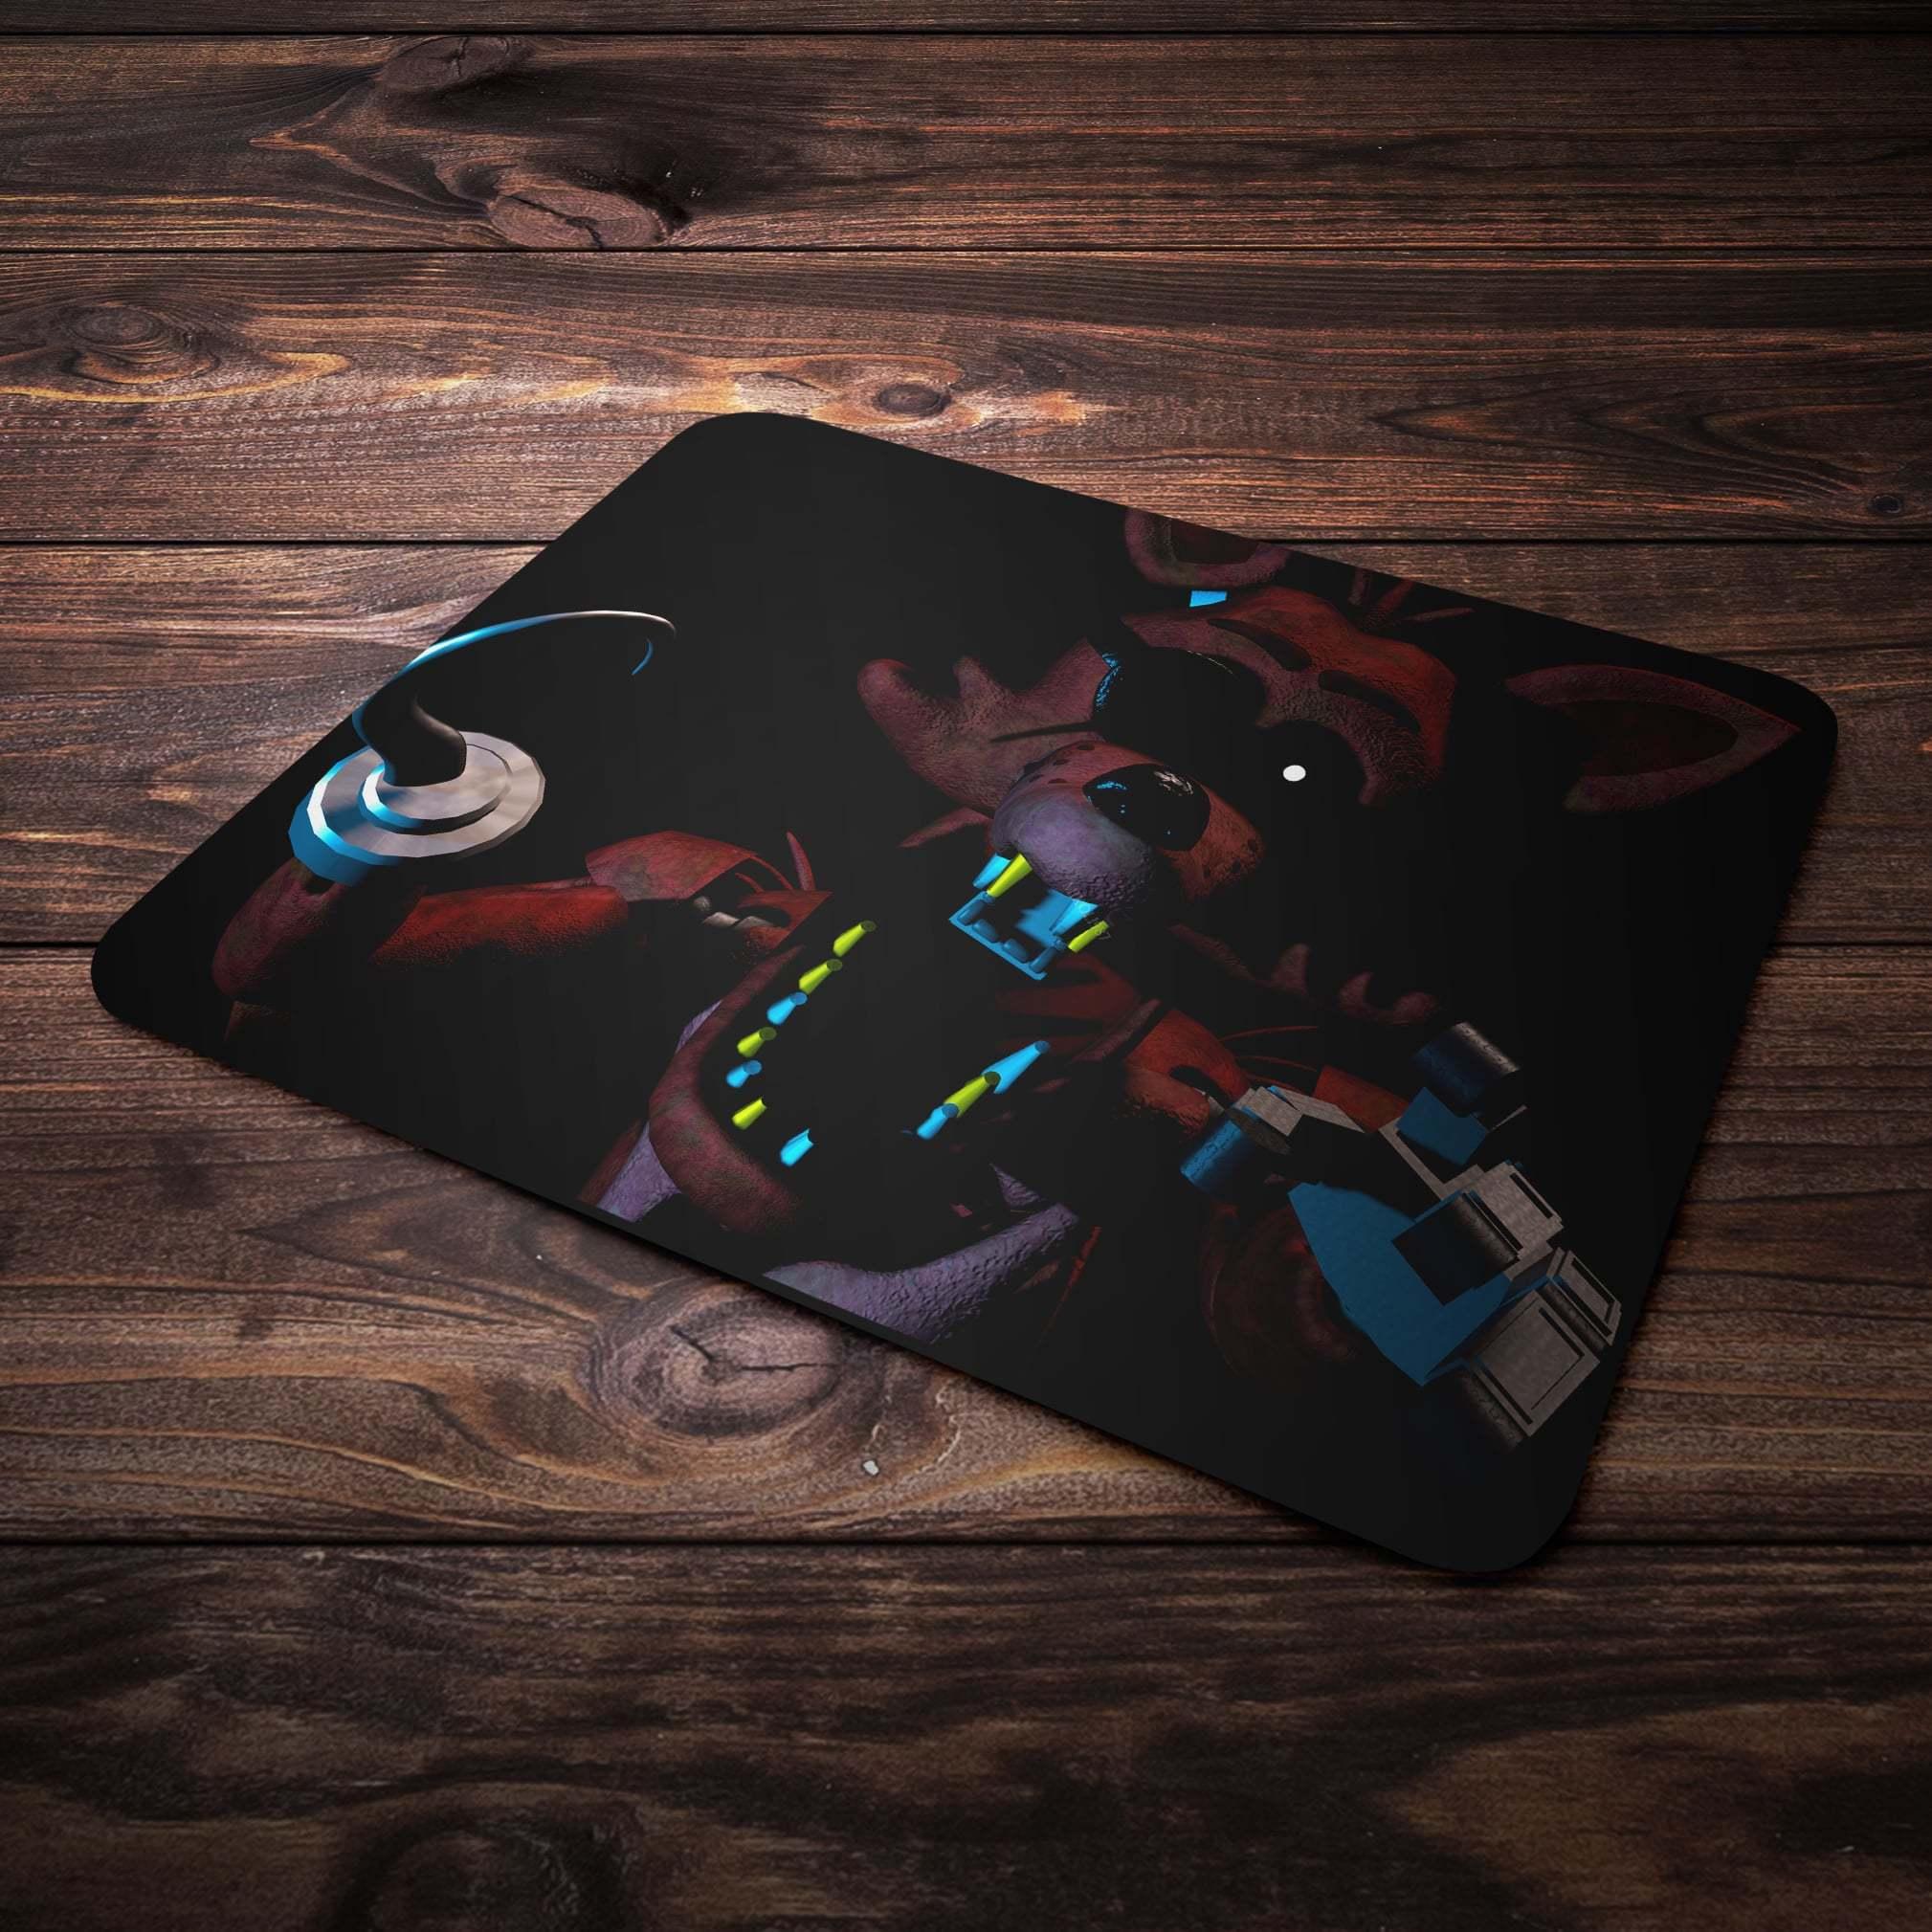 Коврик для мыши с Фокси (2 вариант) - купить в интернет-магазине kinoshop24.ru